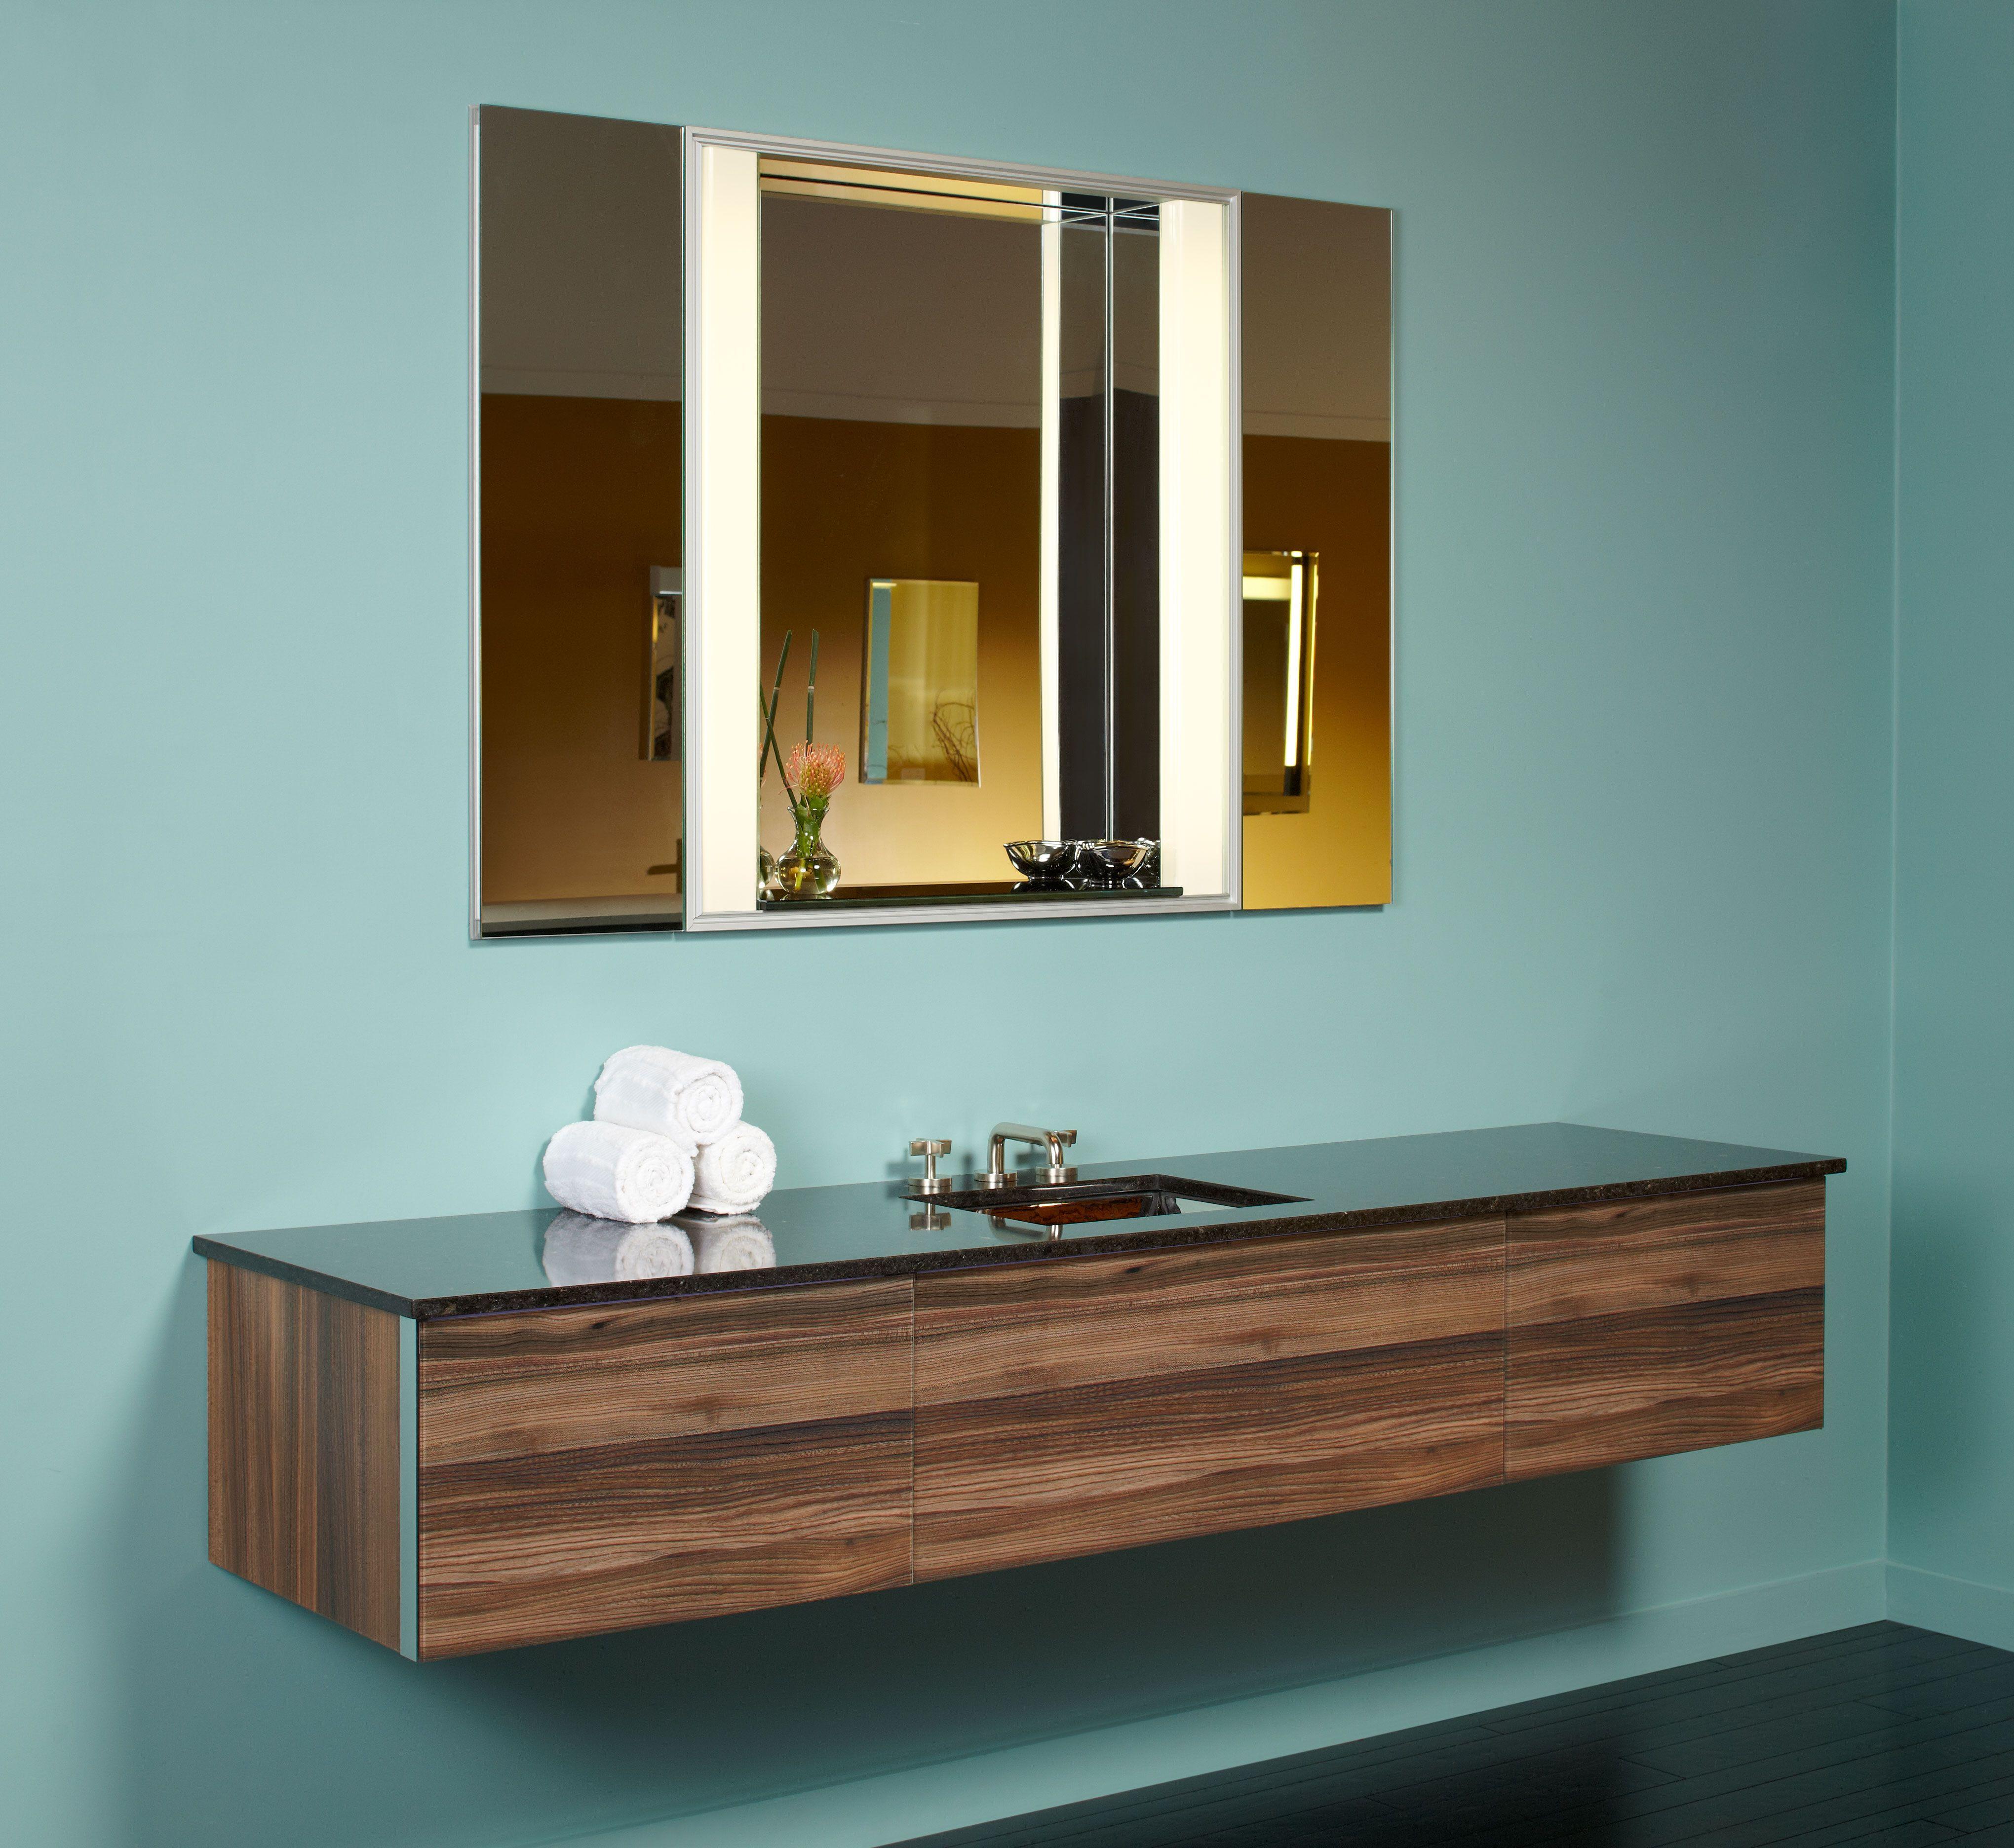 Robern bathroom vanities - Robern V14 24 And 36 Wall Mount Vanities In Smooth Leaved Elm